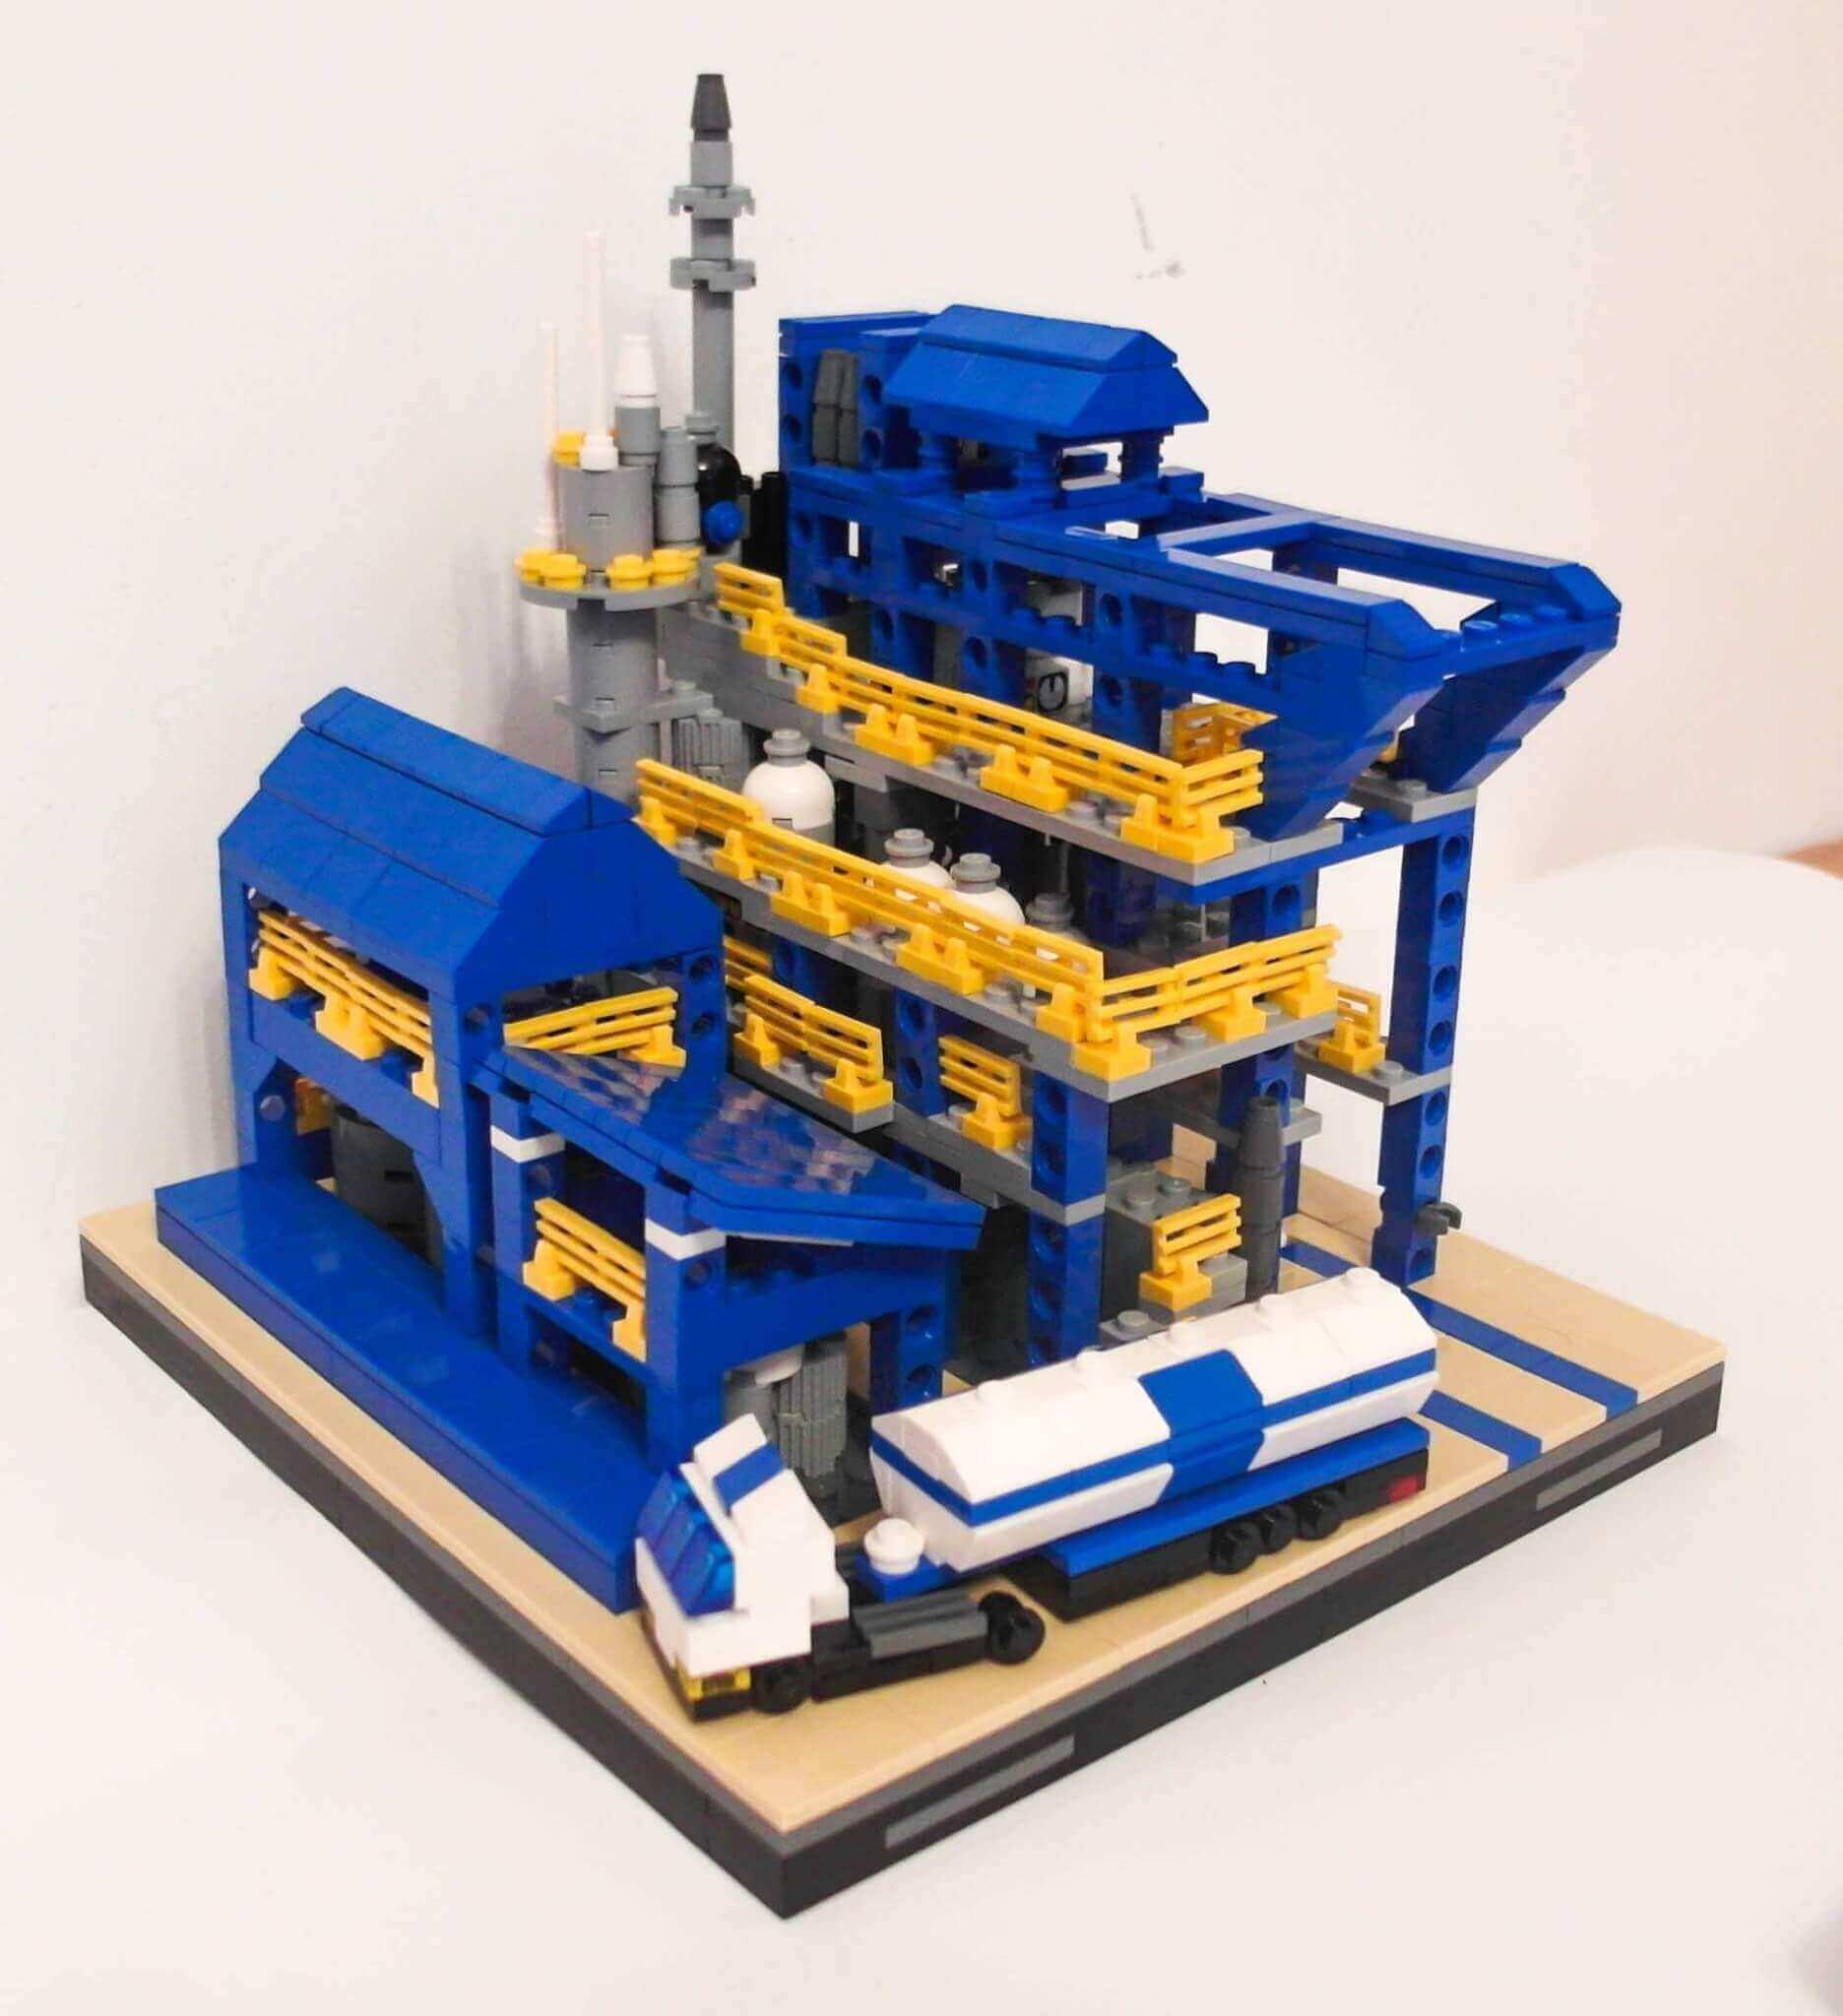 LEGO construction models factory Melamina Azoty Pulawy made